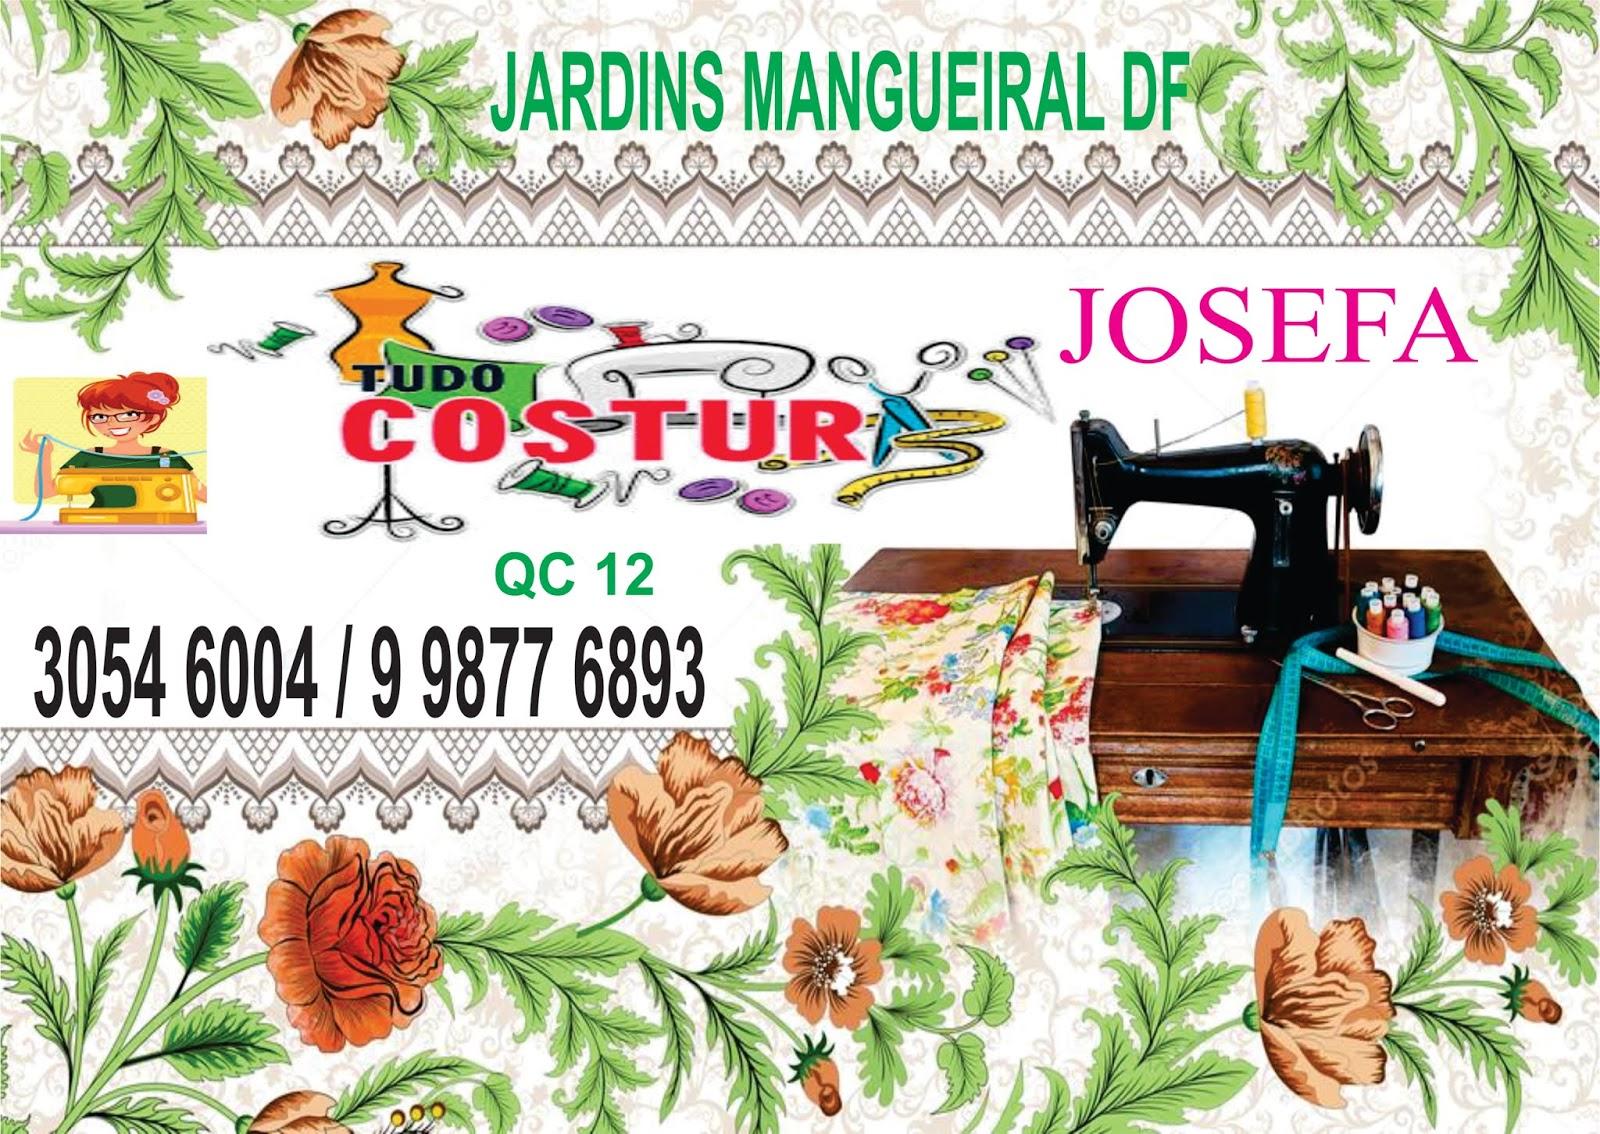 JOZEFA%2B %2BCopia - Qual é o supermercado mais barato do Jardim Botânico e São Sebastiao DF?  O Jornal Mangueiral pesquisou!